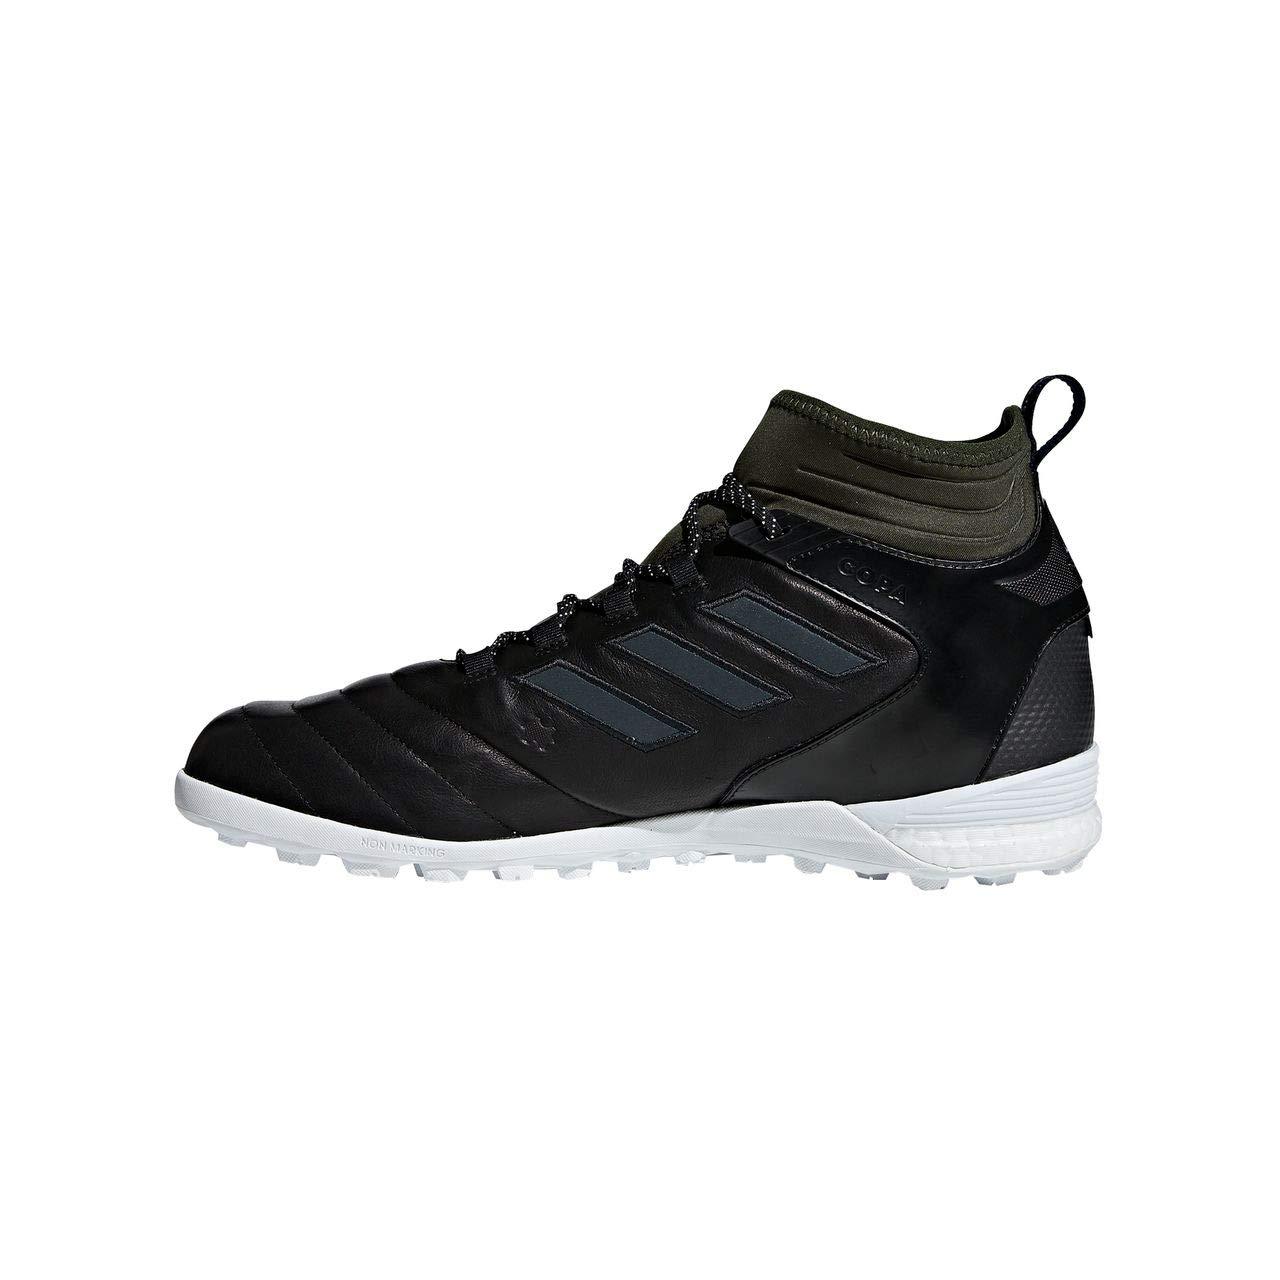 Adidas Copa Mid Tf GTX - cschwarz cschwarz Legink